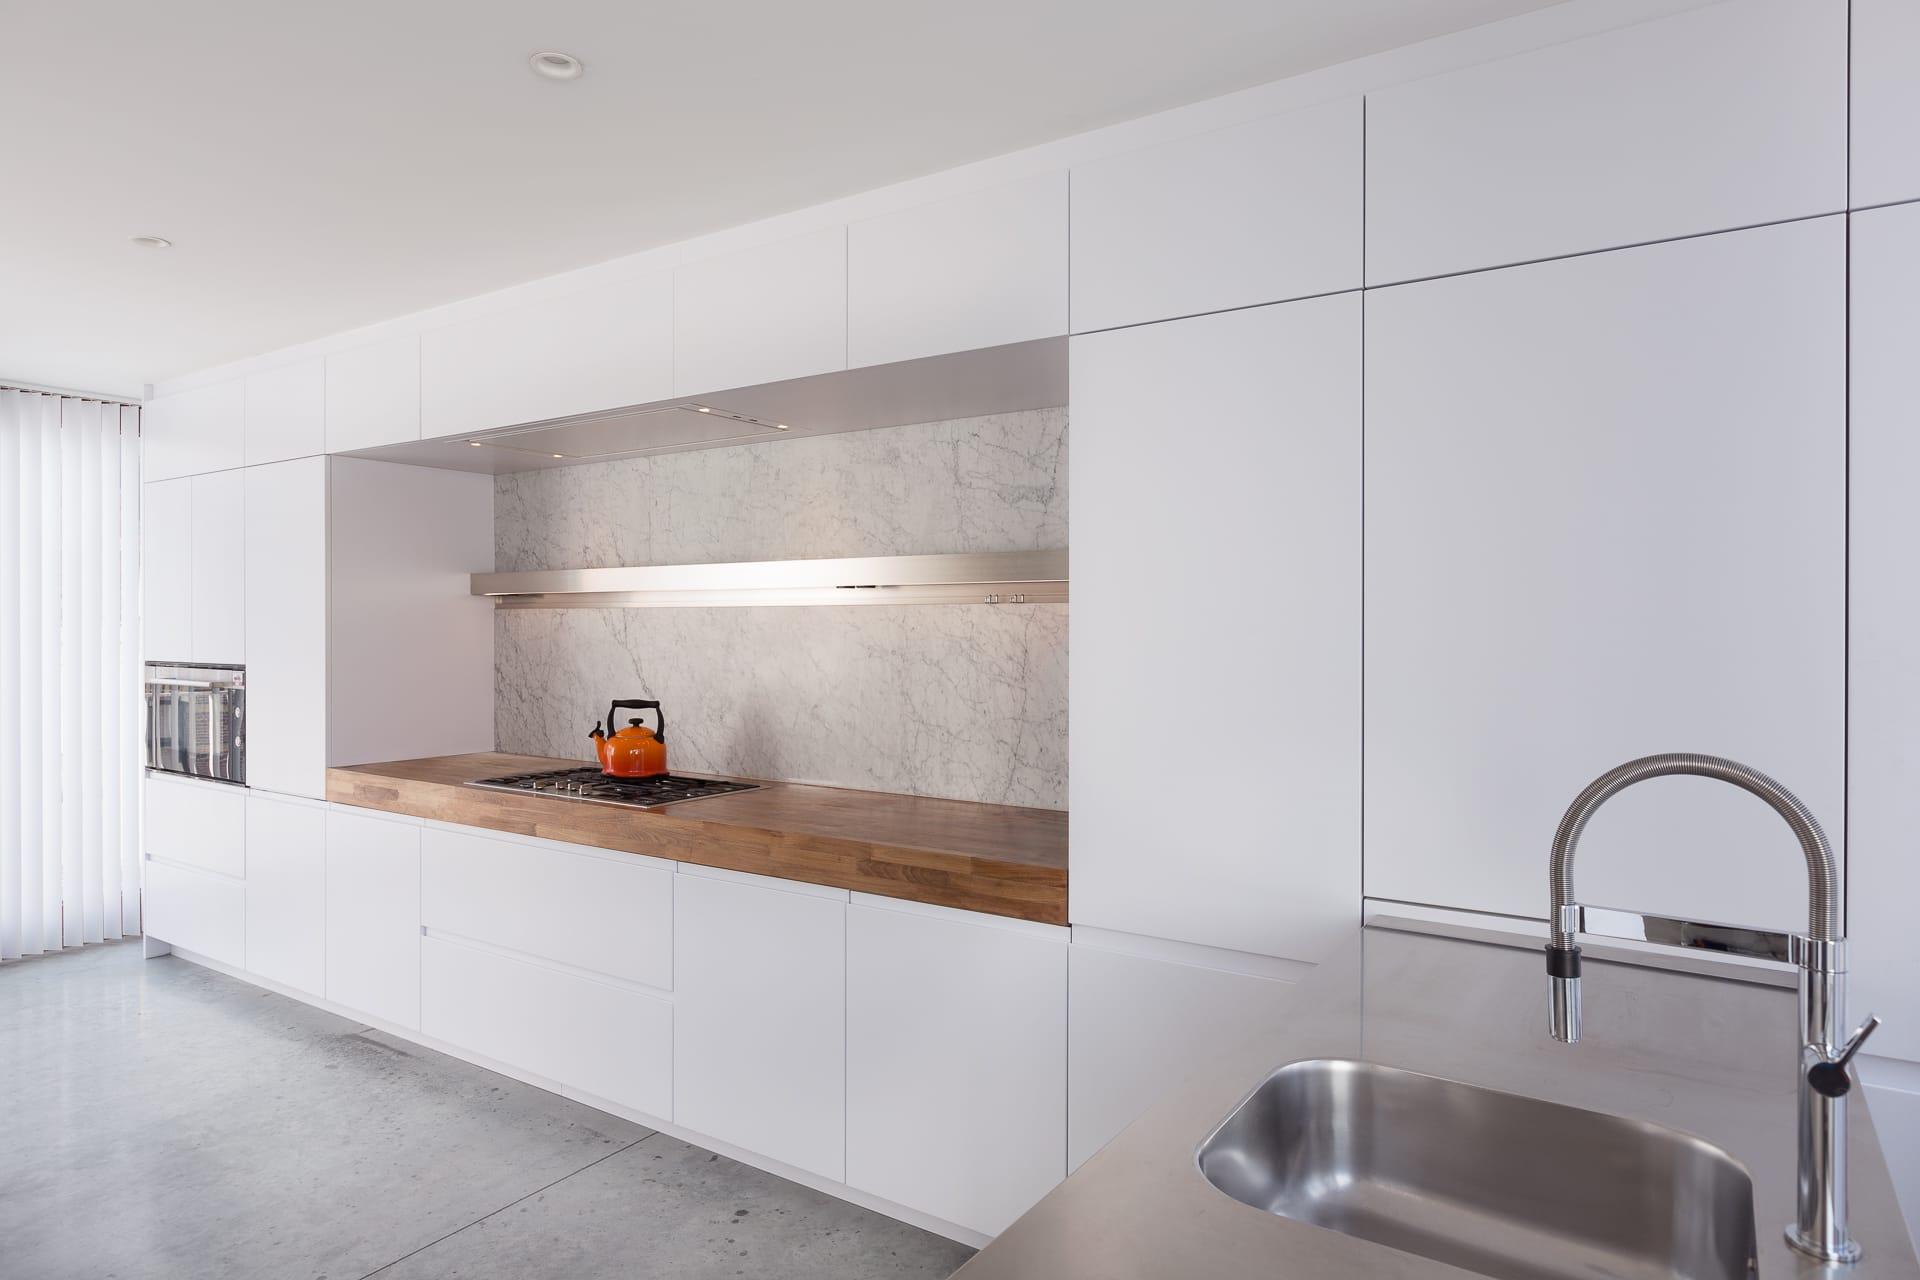 Werkblad Keuken Hout : Arclinea keuken houten werkblad en dekton spatwand si accomodi